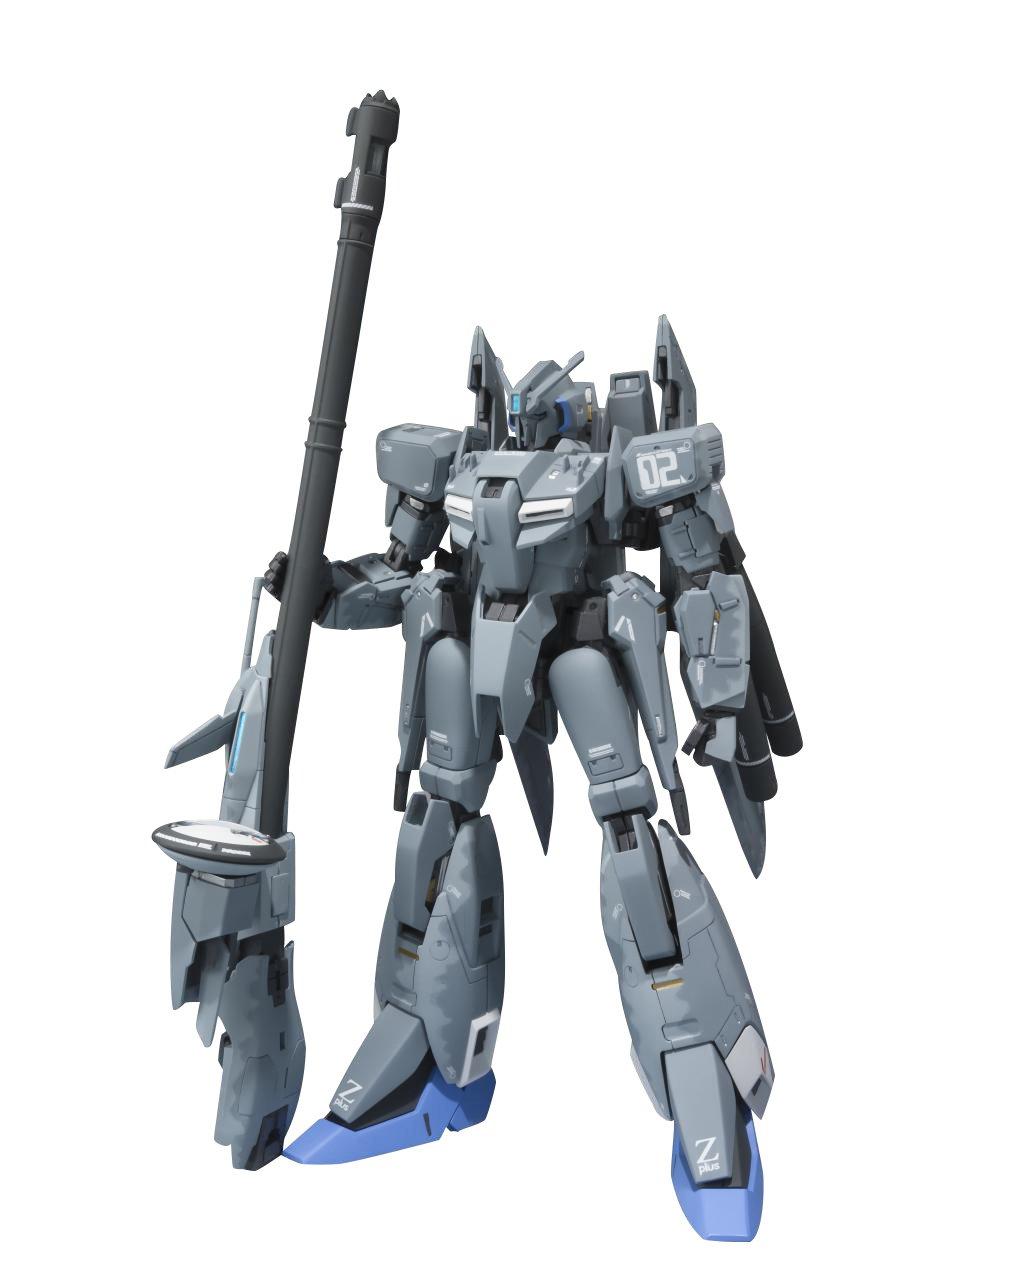 METAL ROBOT魂 (Ka signature) 機動戦士ガンダムセンチネル[SIDE MS] ゼータプラス C1 約140mm ABS&PVC&ダイキャスト製 塗装済み可動フィギュア   B07B3W29Z8